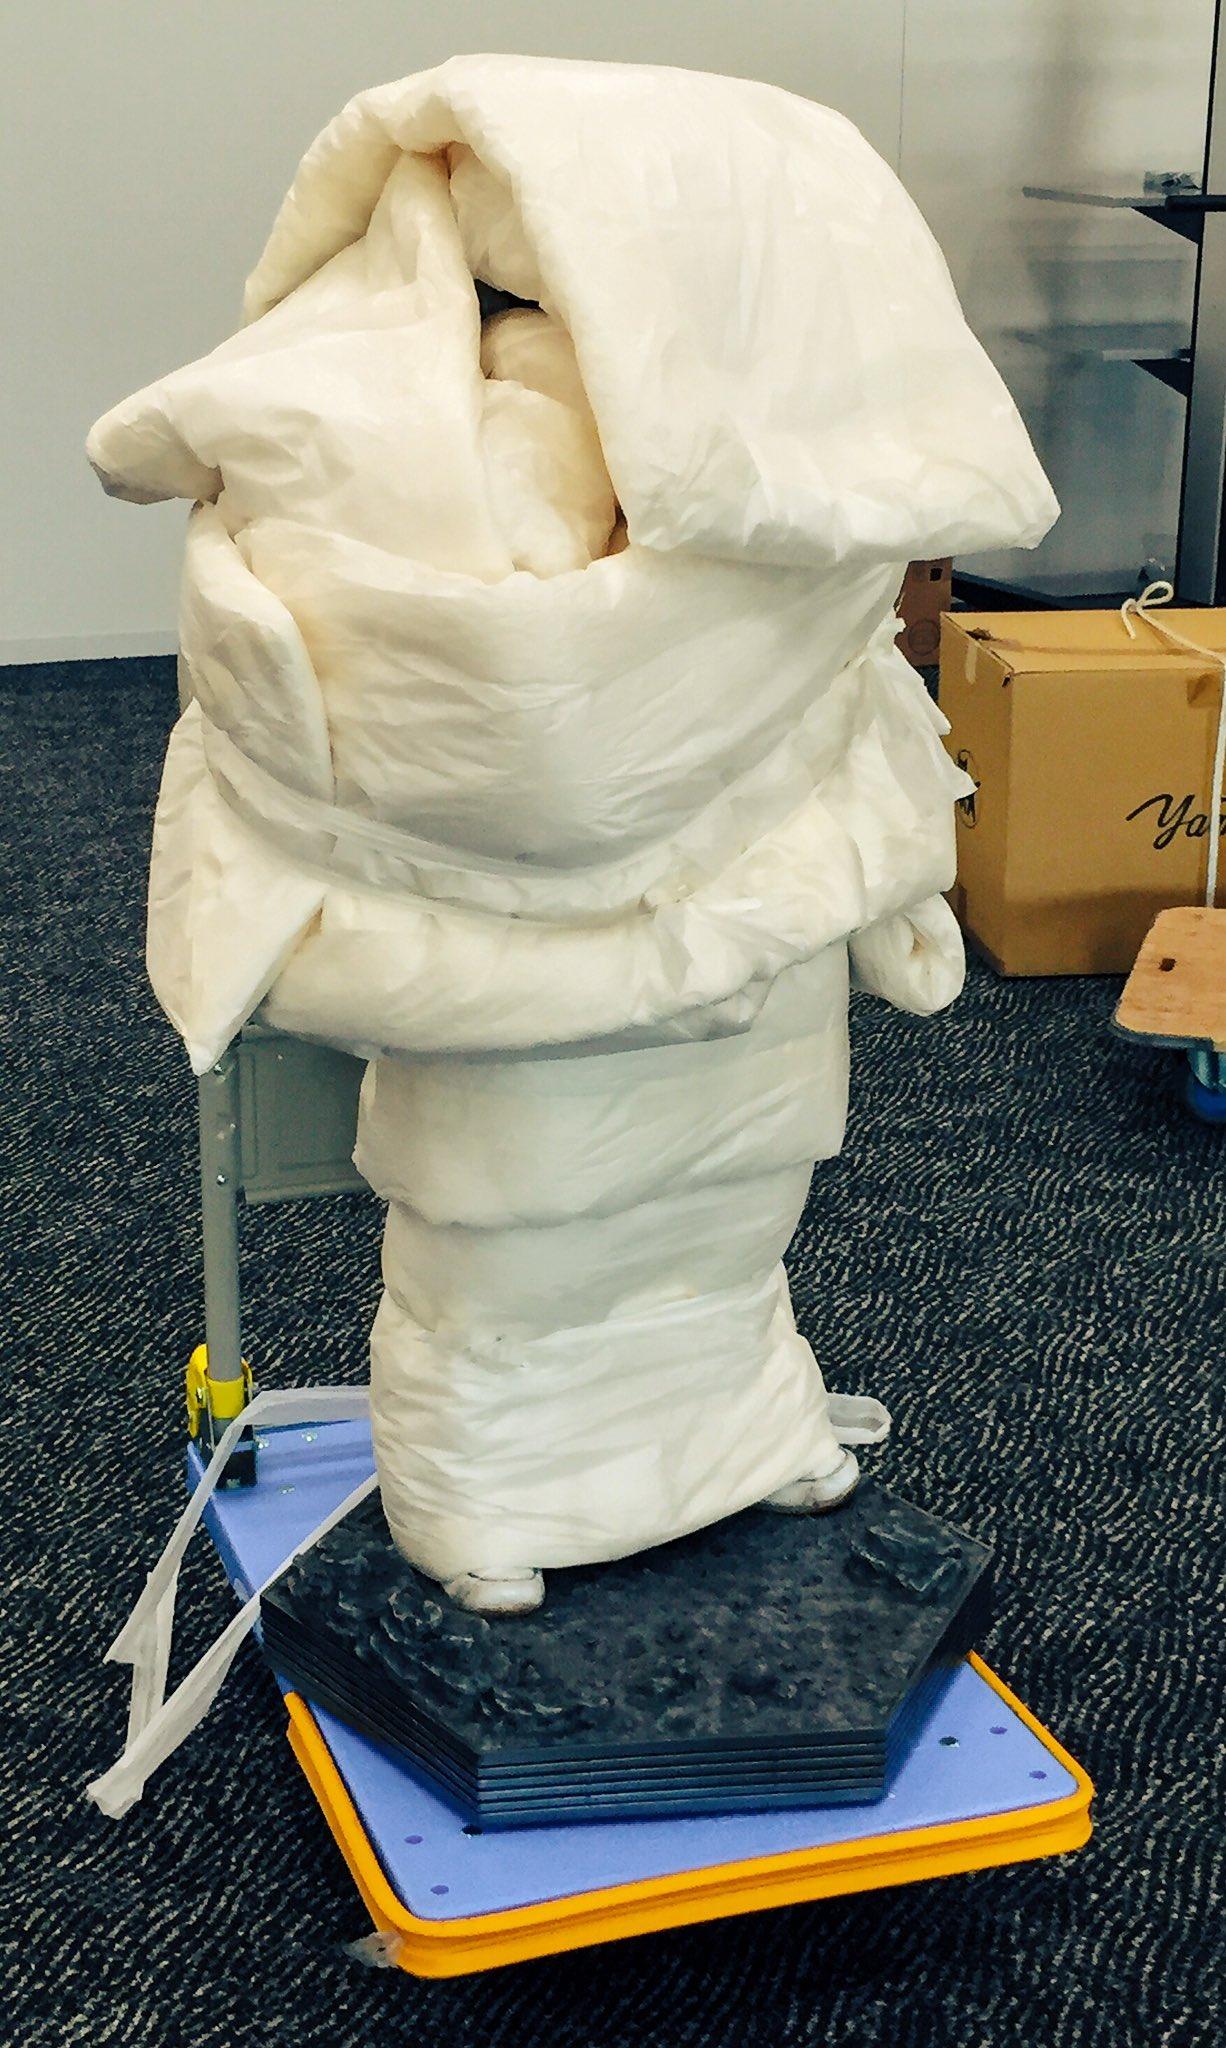 Départ de la statuette de Ludens pour les États-Unis, le 29 mai 2017